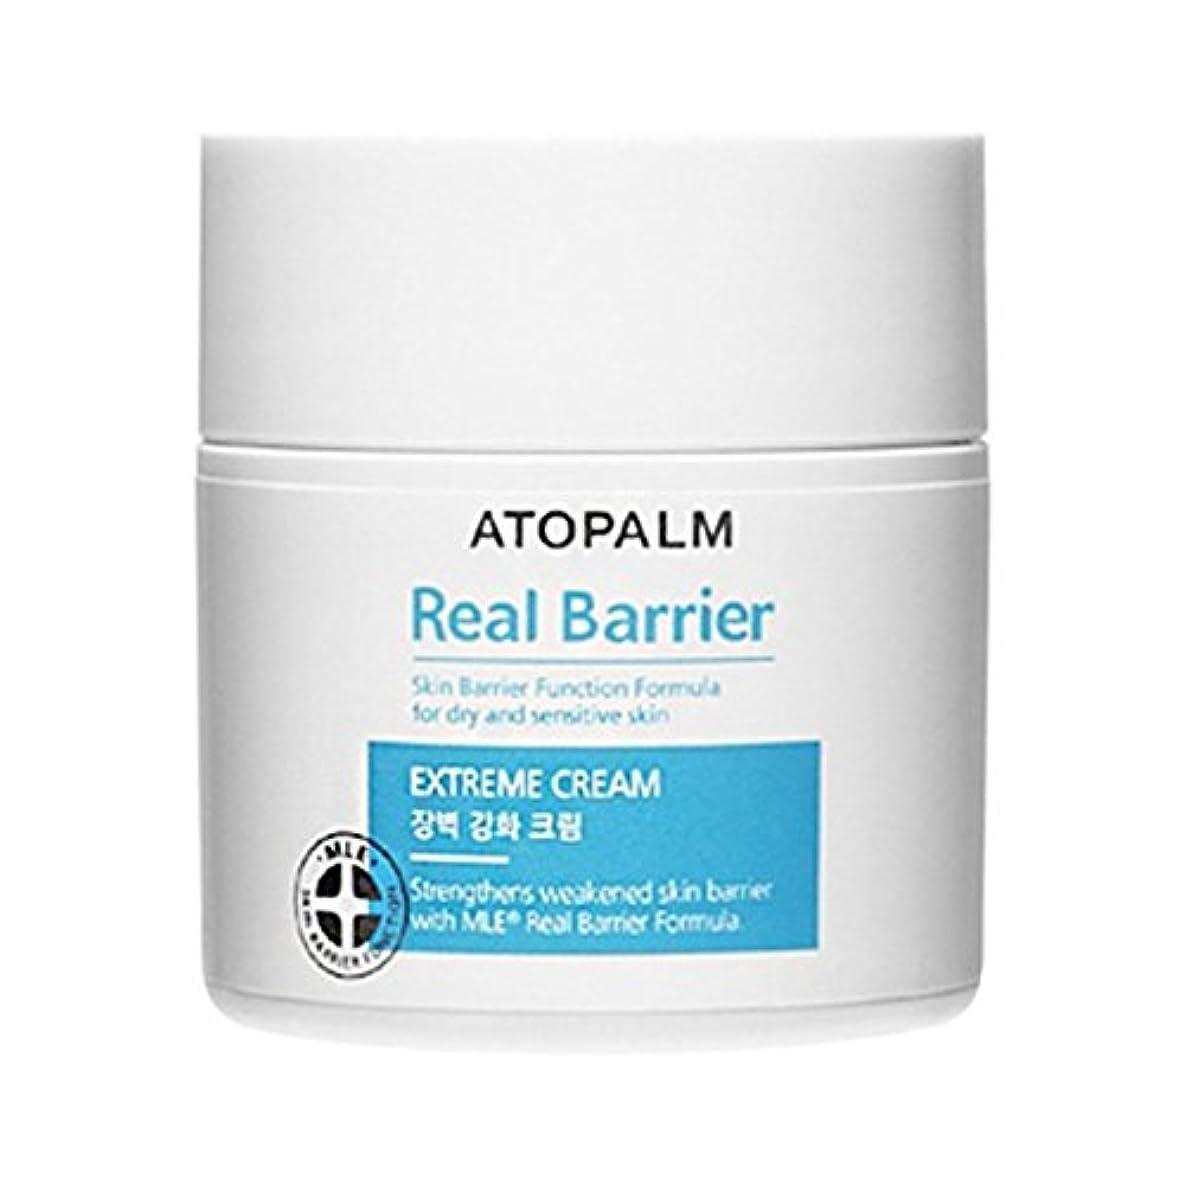 有効化博物館中級アトファムリアルバリア?エクストリームクリーム50ml、韓国化粧品 ATOPALM Real Barrier Extream Cream 50ml, Korean Cosmetics [並行輸入品]